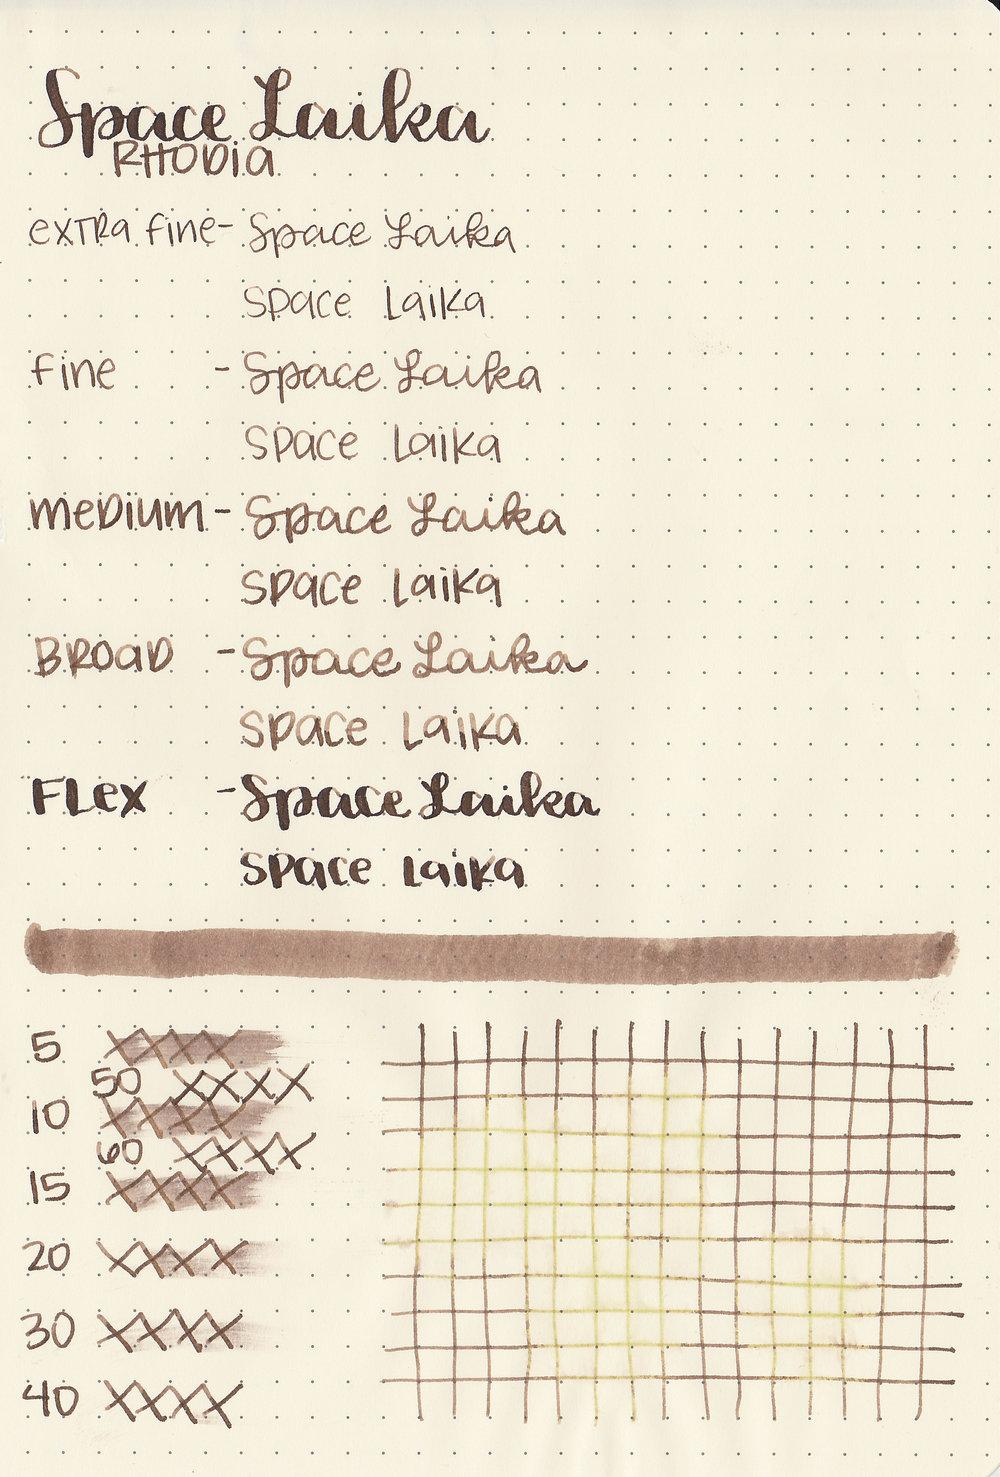 cv-space-laika-5.jpg